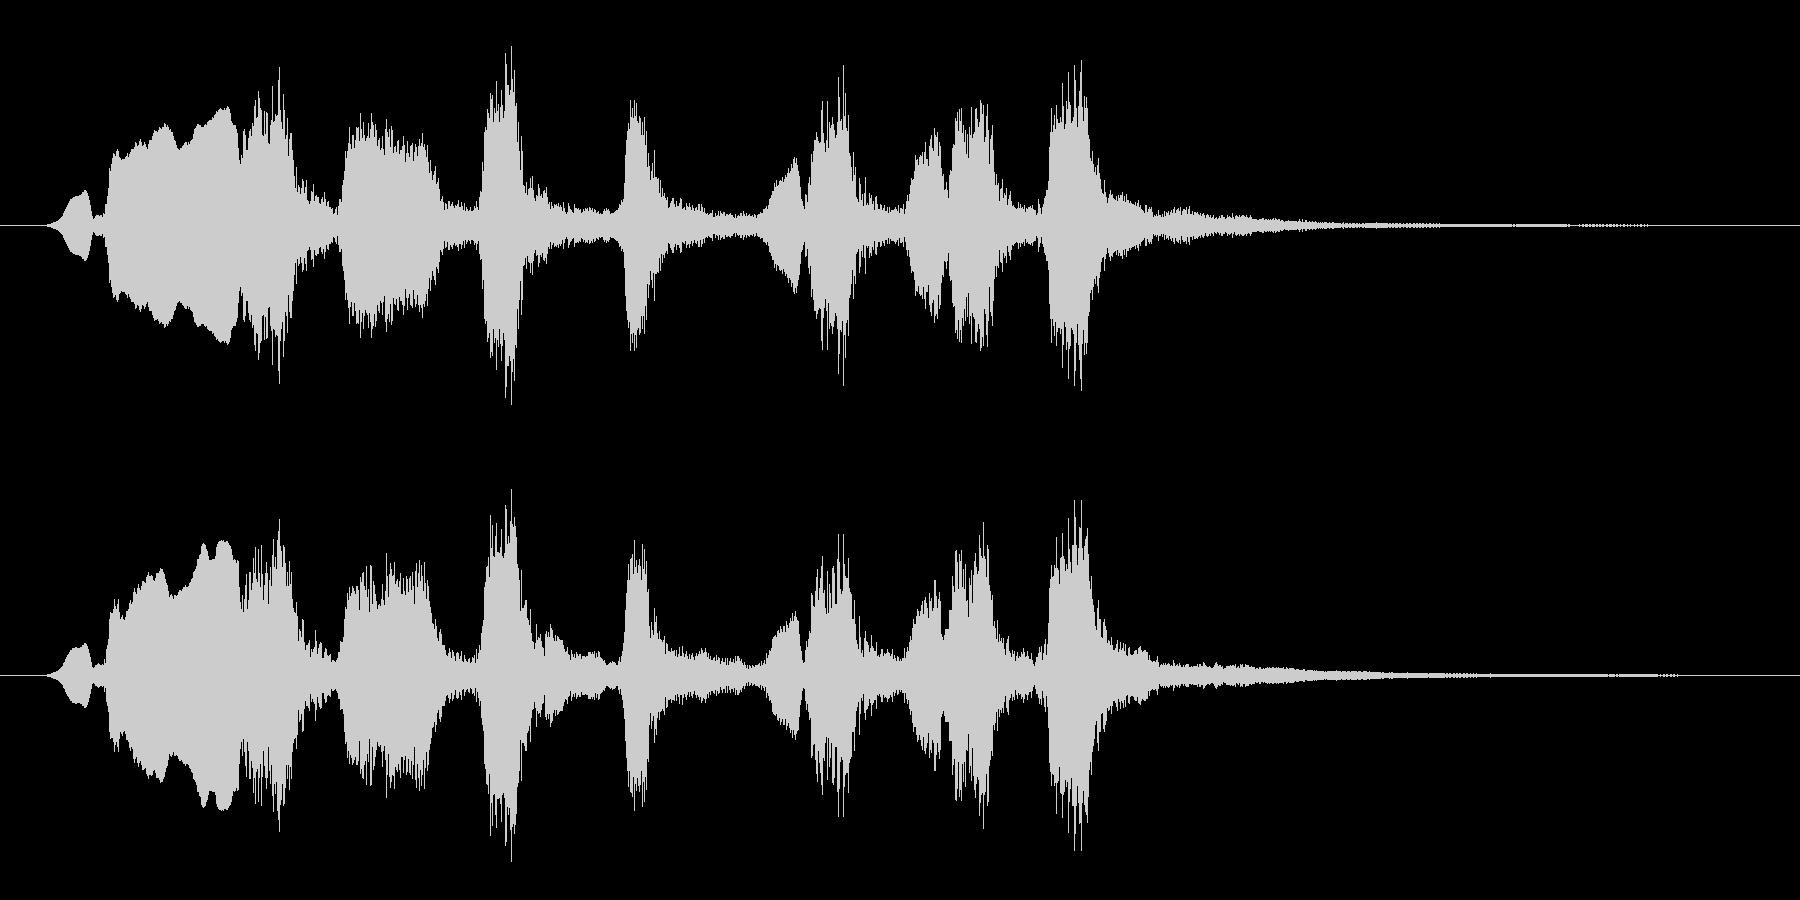 オーボエが印象的おどけた雰囲気のジングルの未再生の波形